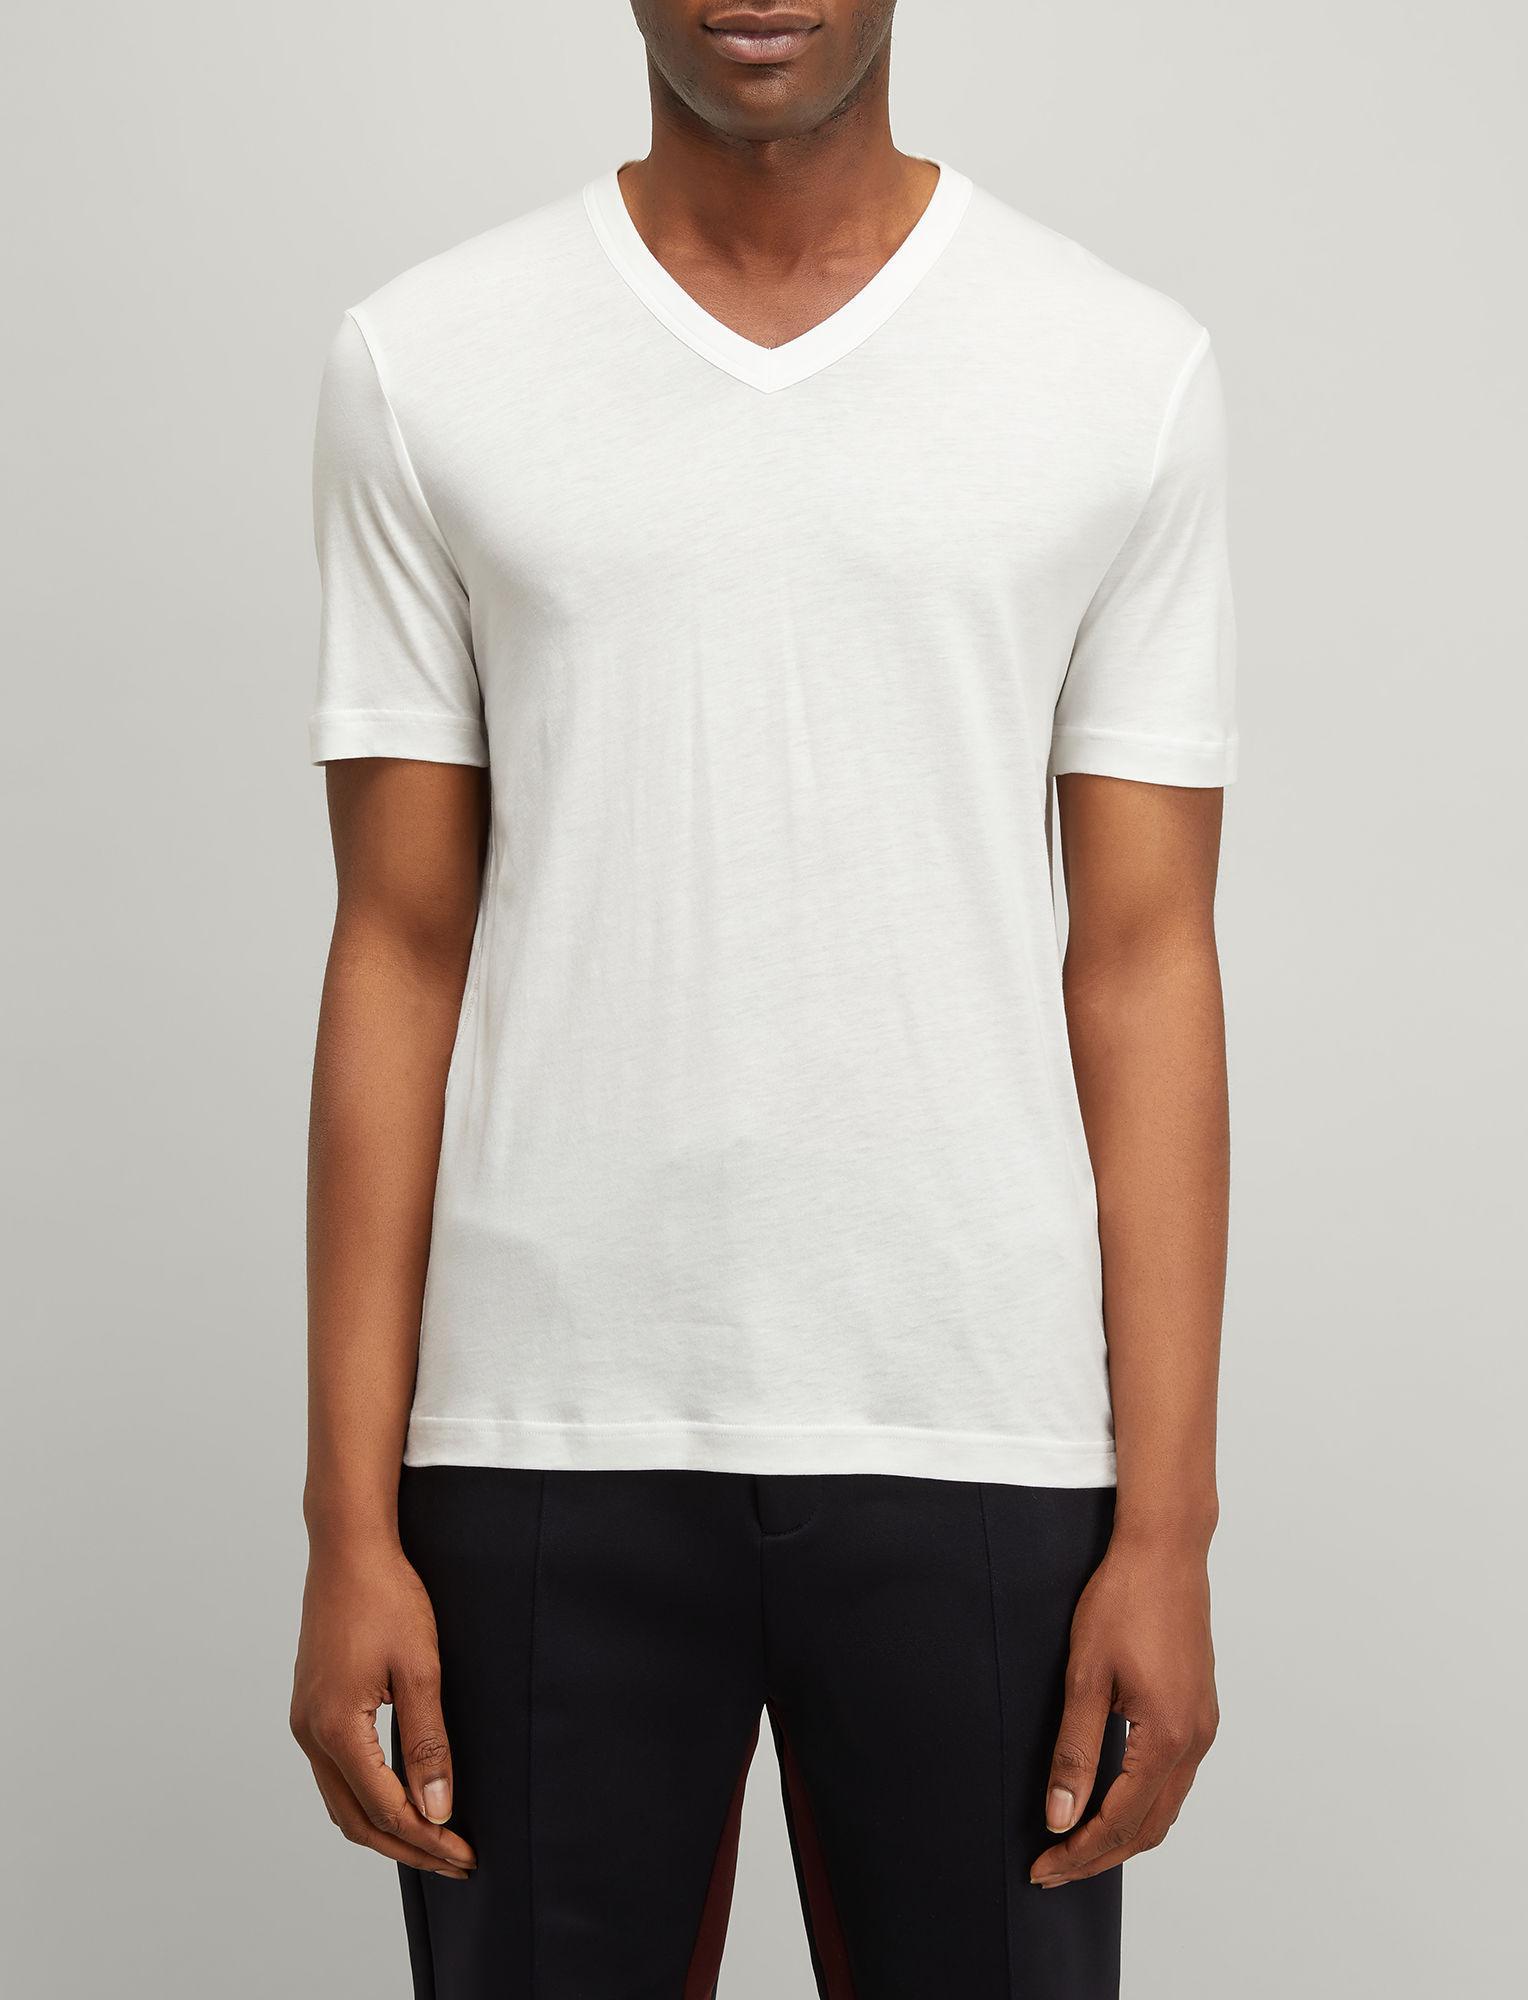 ede975317d0a Lyst - JOSEPH Lyocell Jersey V-neck Tee in White for Men